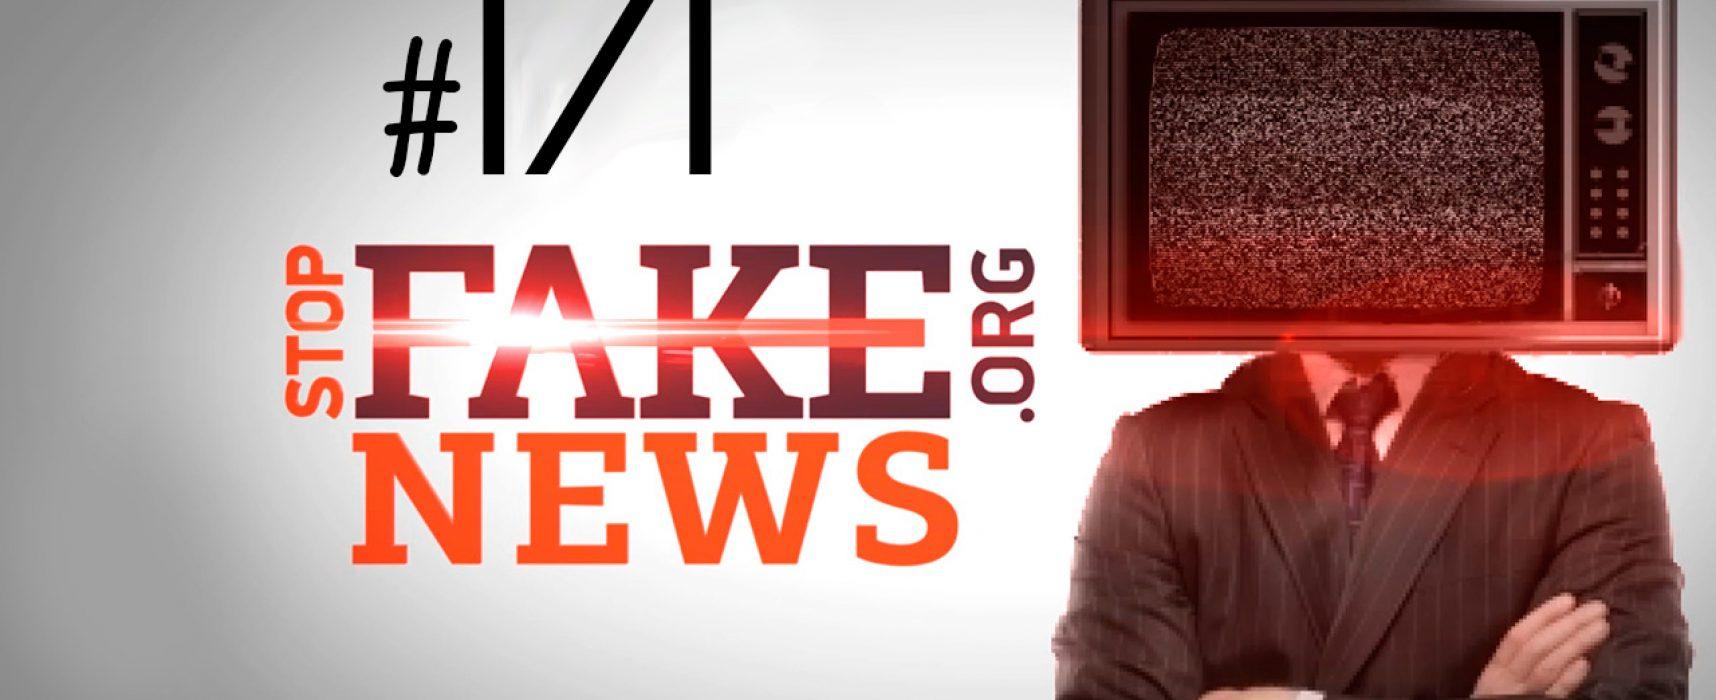 Kto skorzysta z zarzutów przeciwko Ukrainie o dostawach silników rakietowych Korei Północnej? – StopFakeNews #171